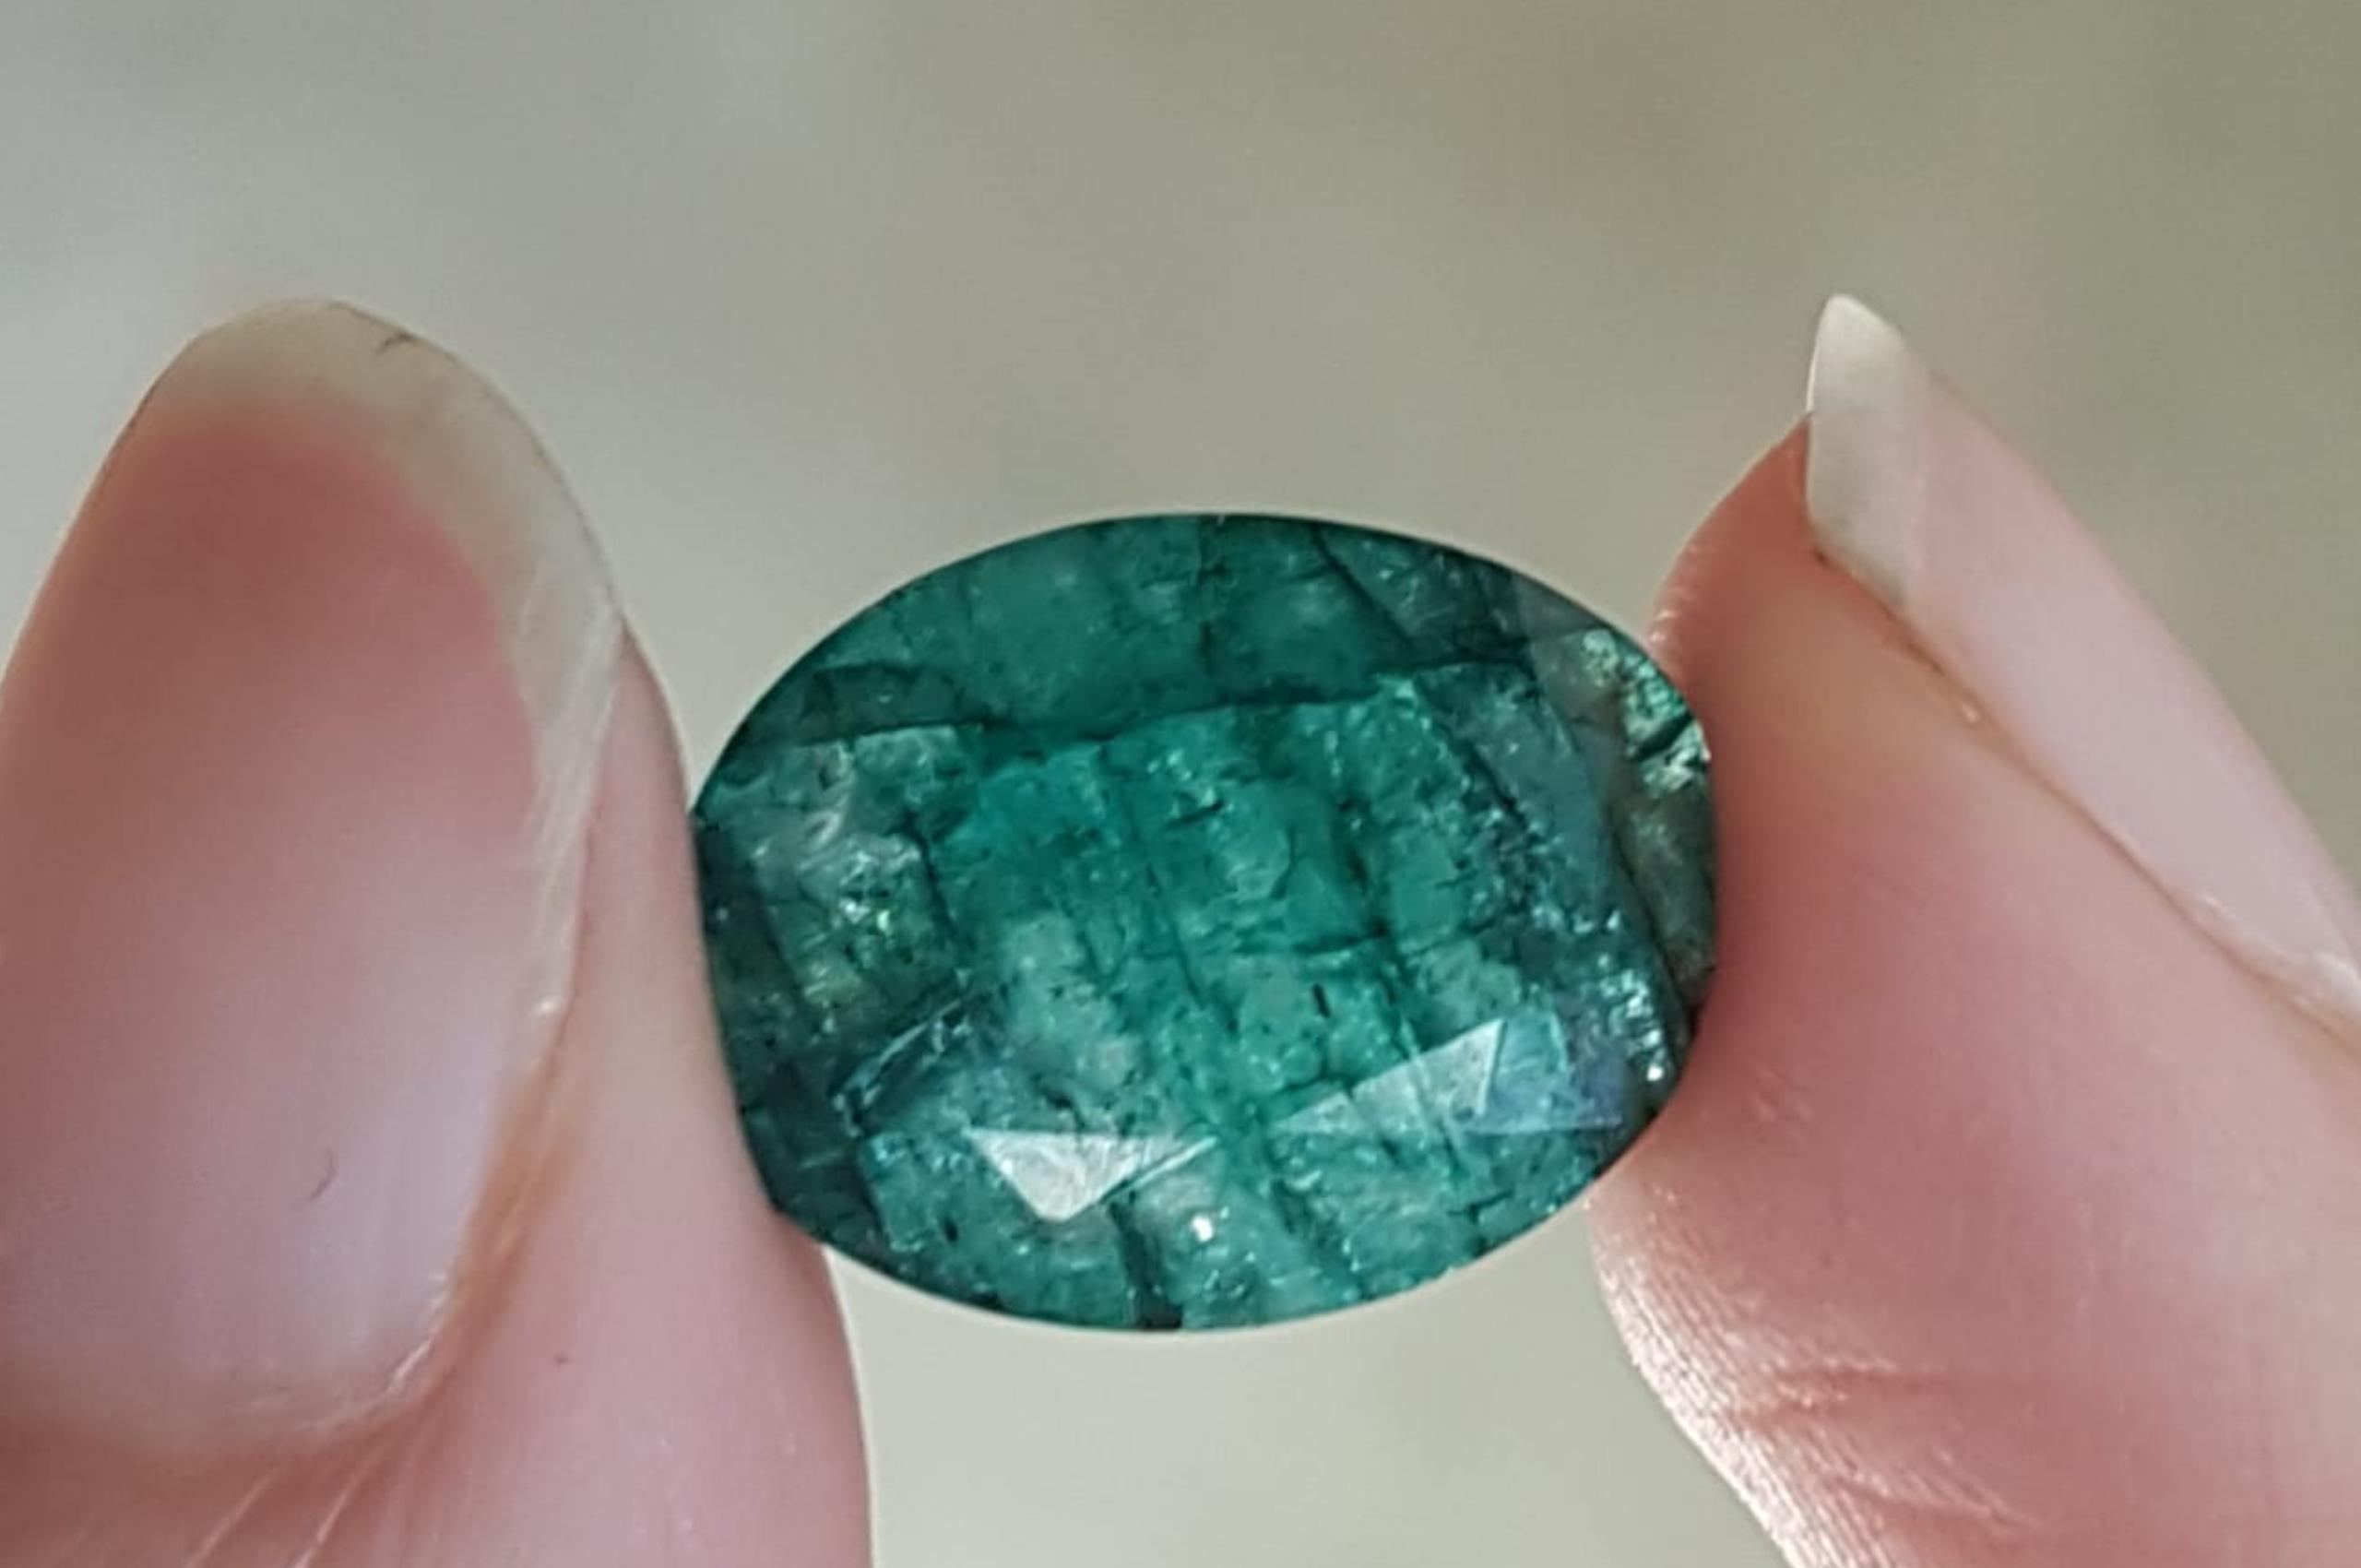 Dyed Goshenite beryl, imitation of Emerald. Photo by Fausta Aidala